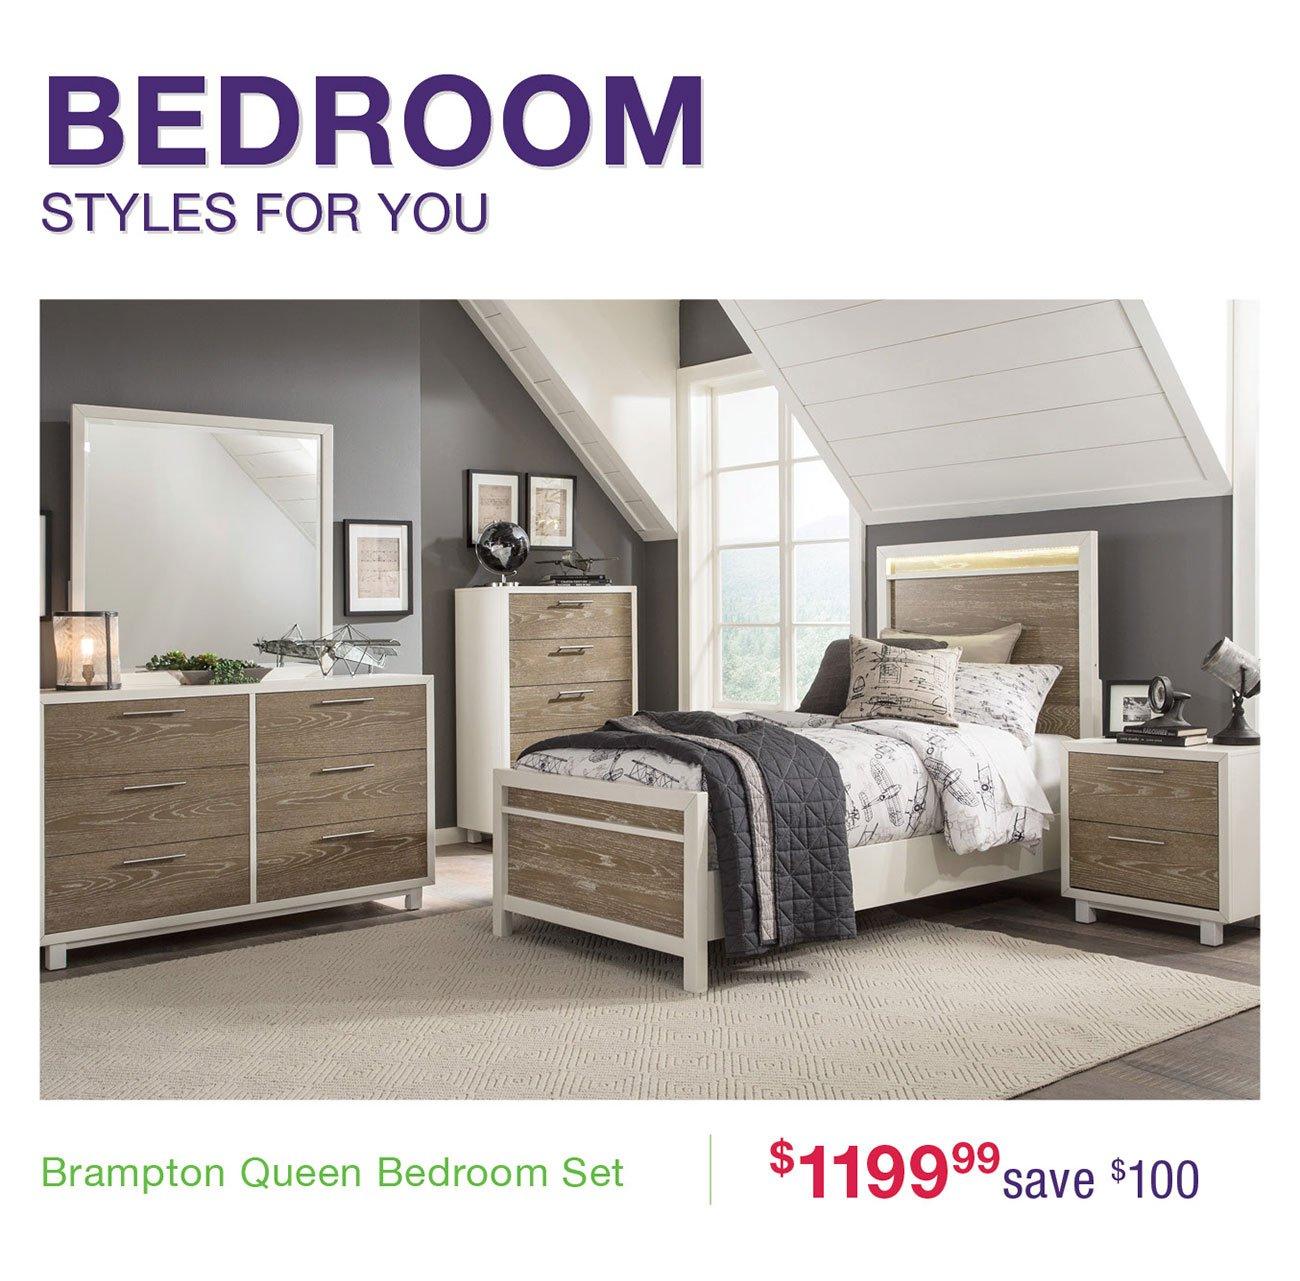 Brampton-queen-bedroom-set